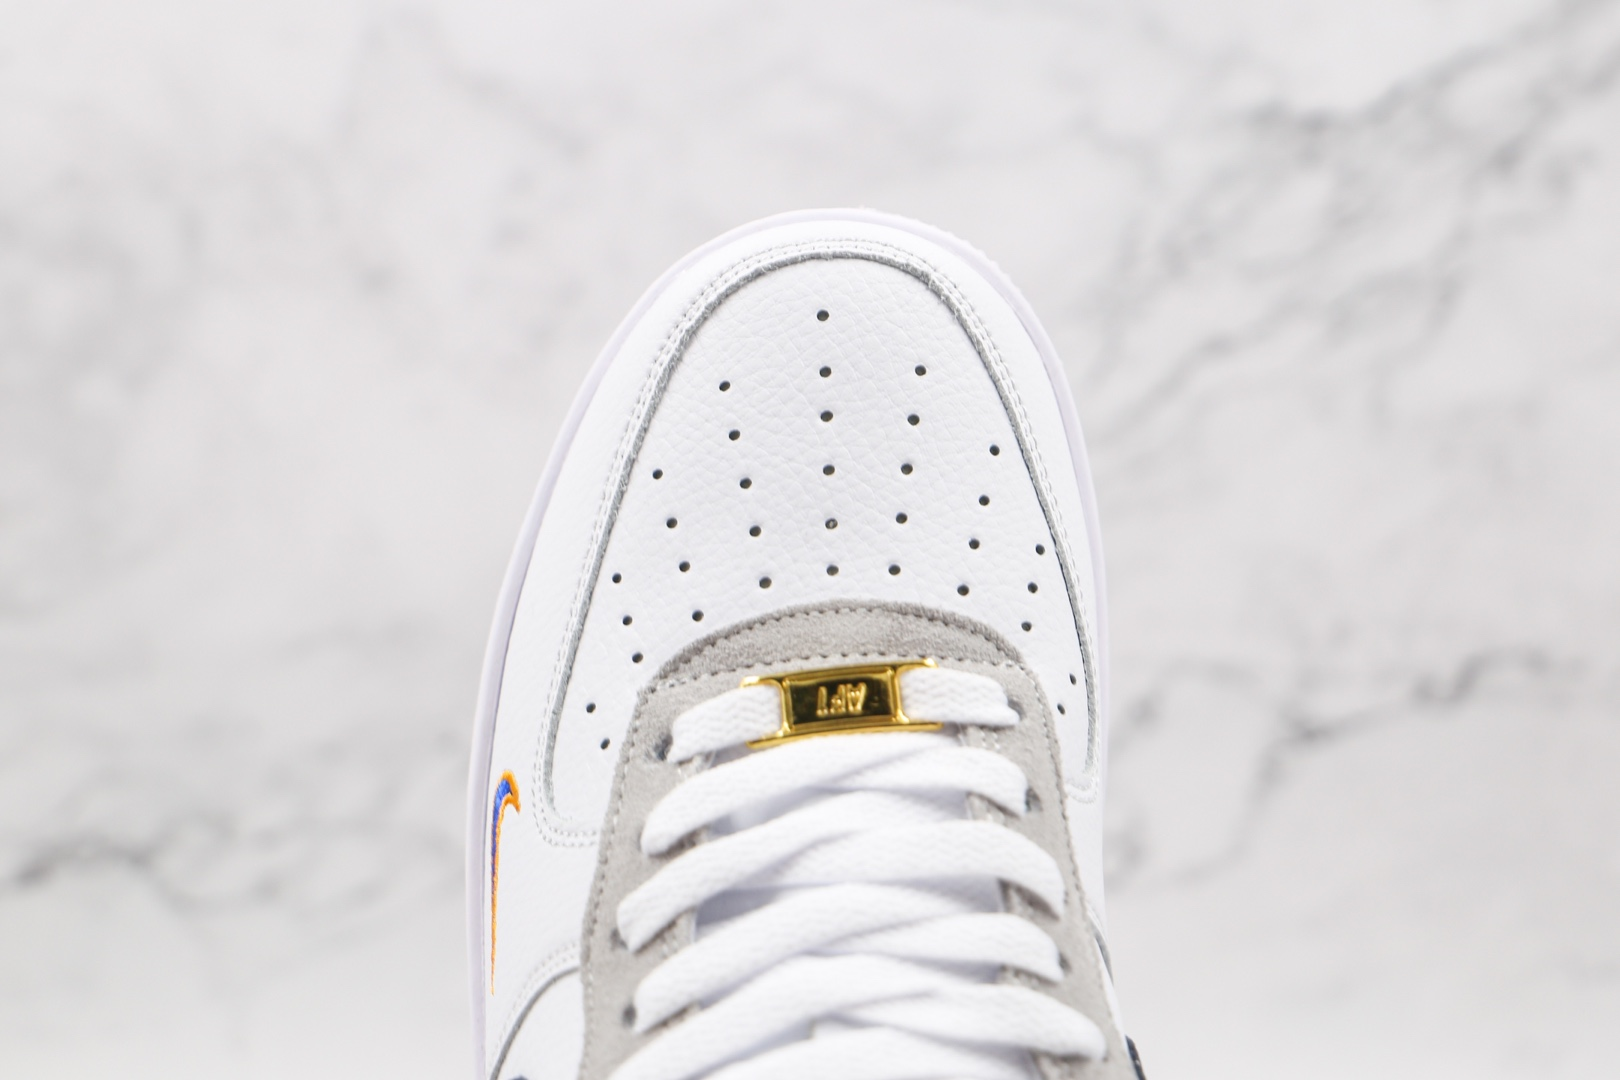 耐克Nike AIR FMRCE 1纯原版本低帮空军一号白黑灰色双钩30 24数字板鞋原档案数据开发 货号:DJ5192-100